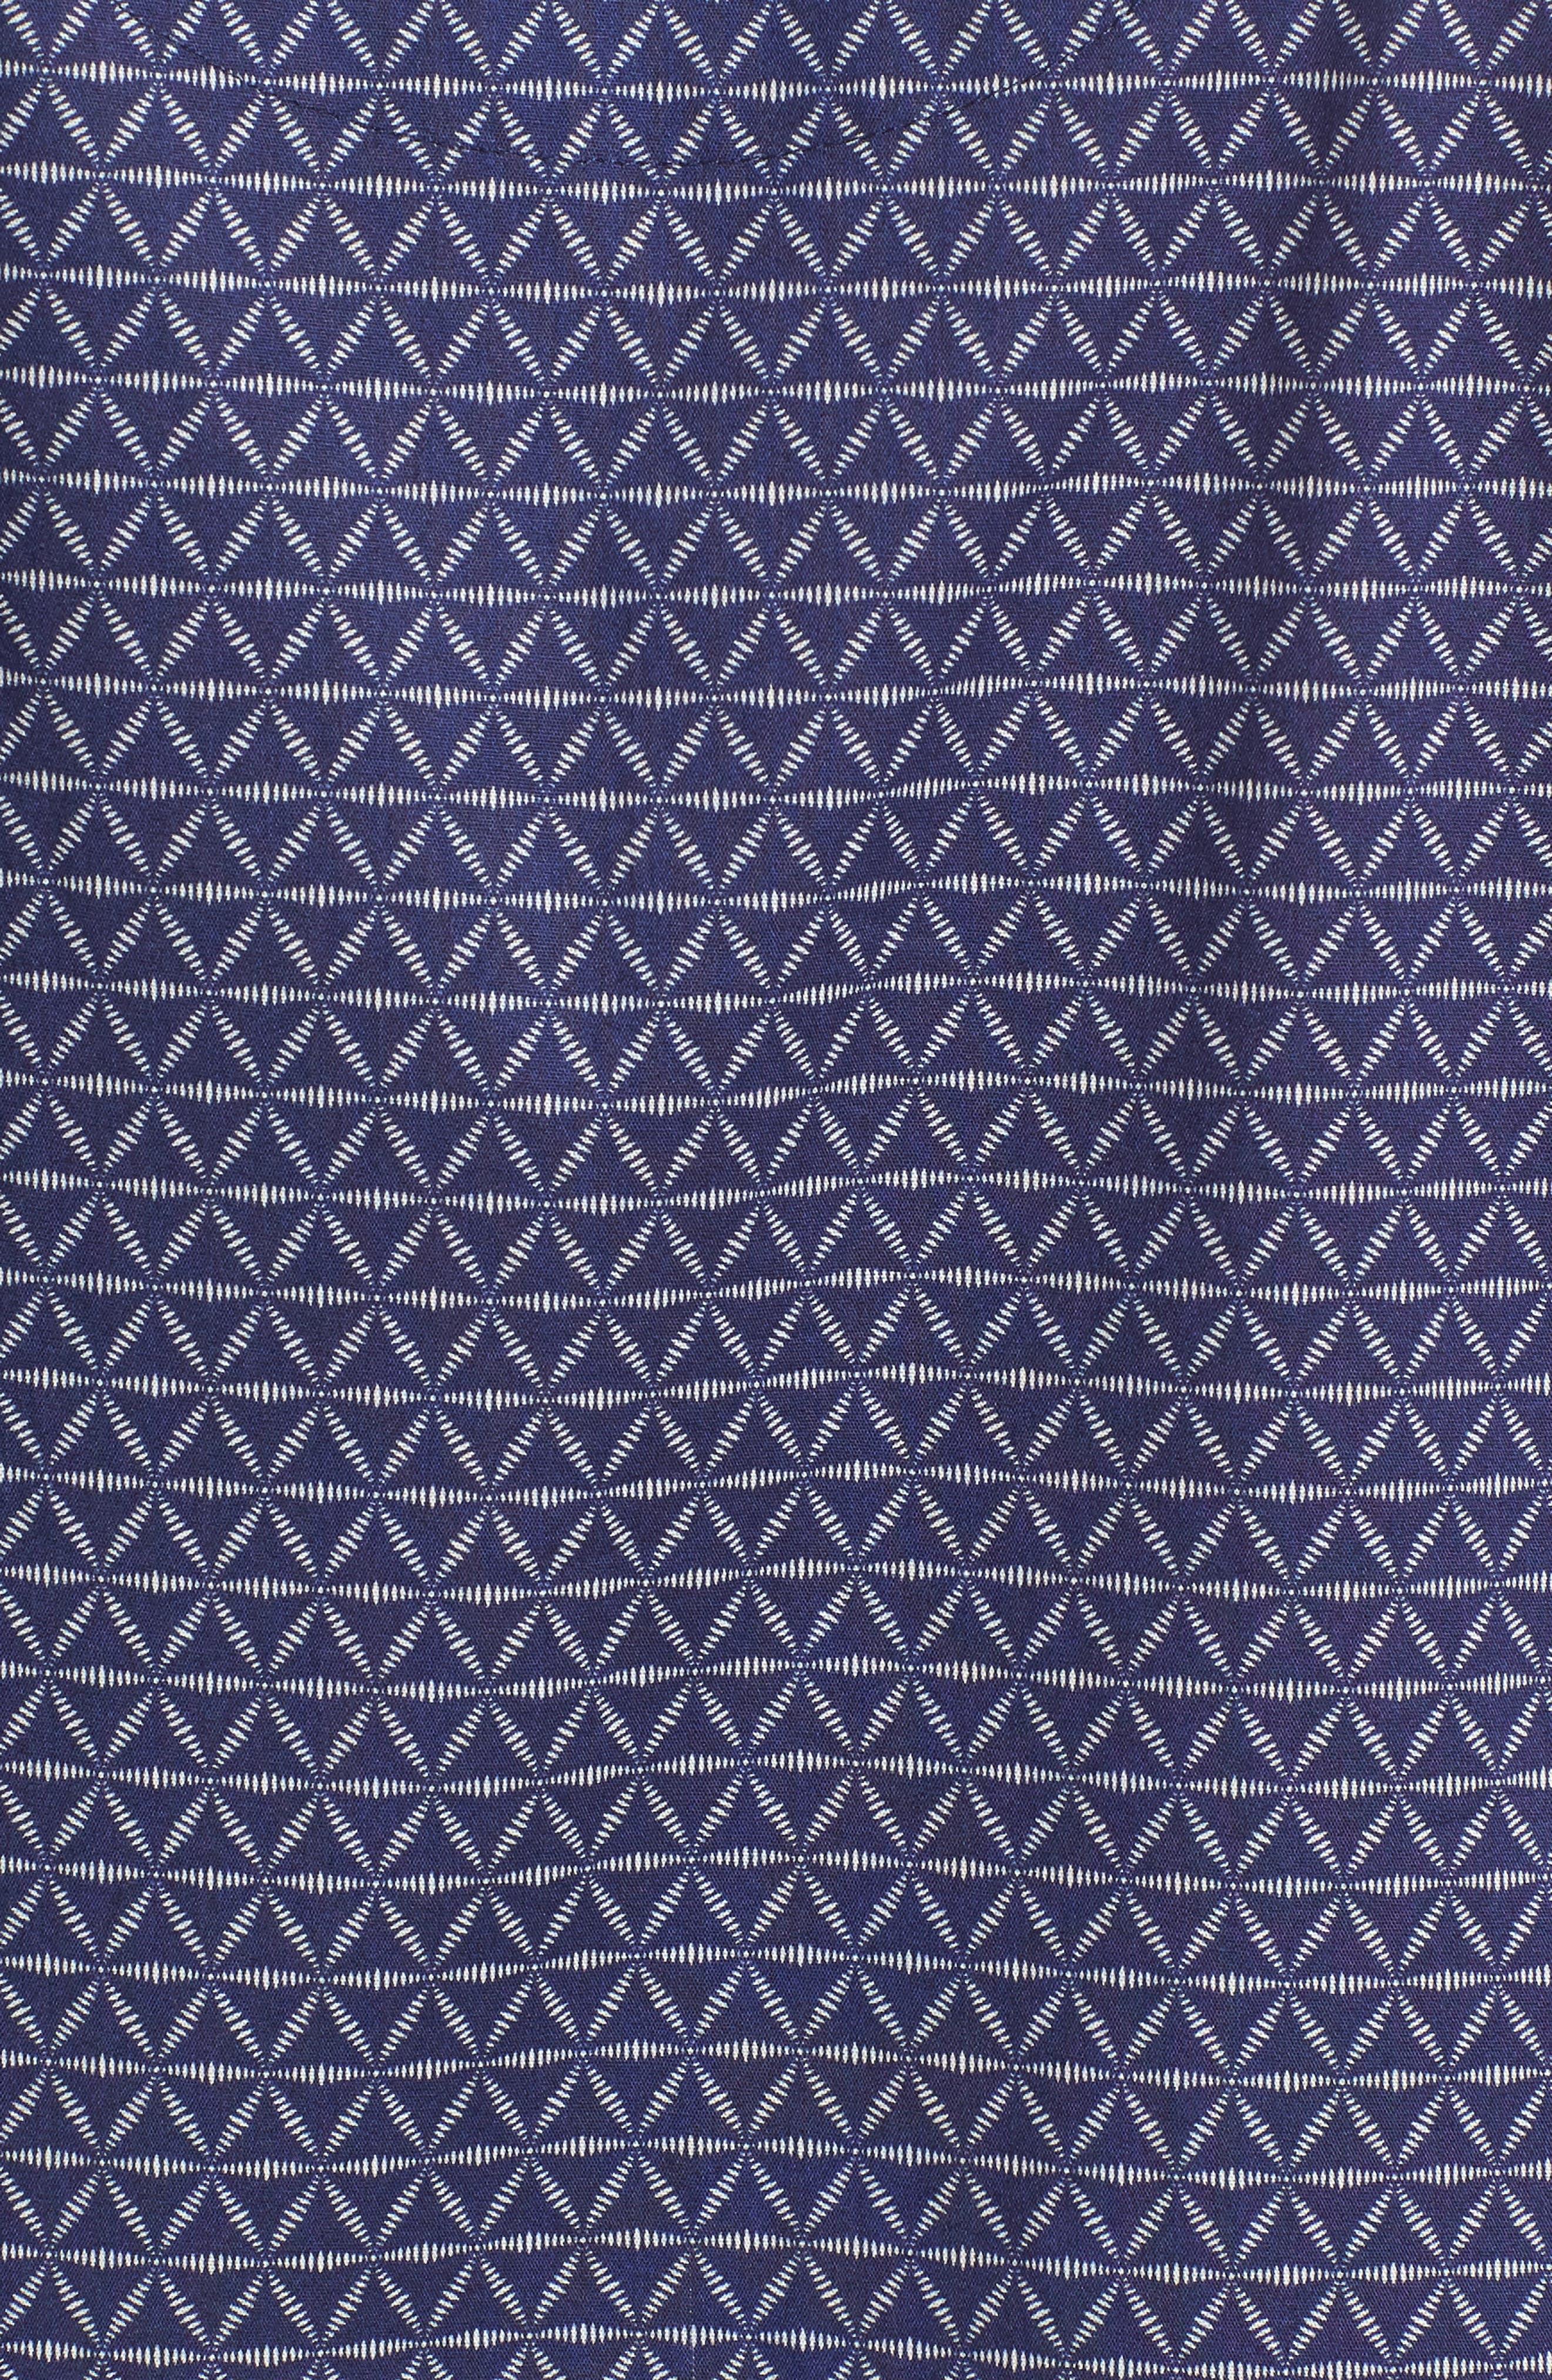 Starling Pajama Set,                             Alternate thumbnail 5, color,                             NAVY